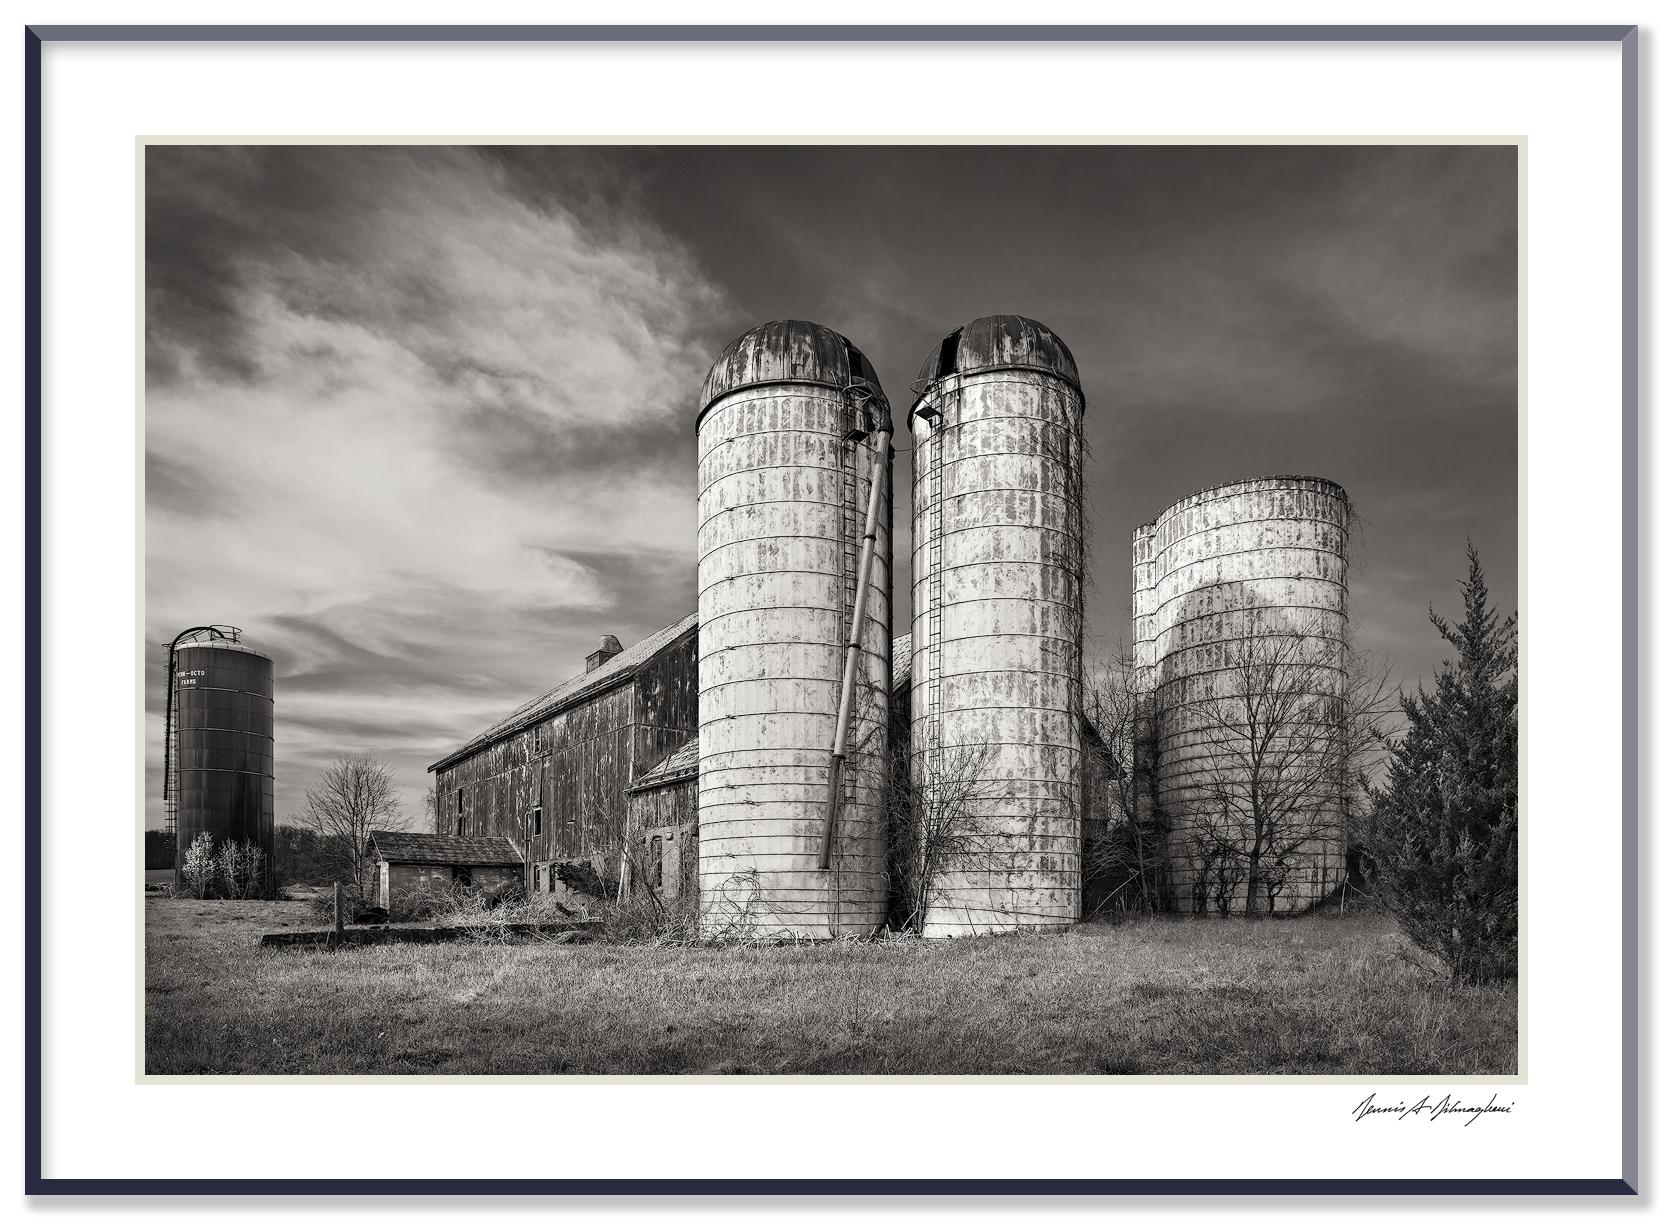 Barn - Near Warwick, New York